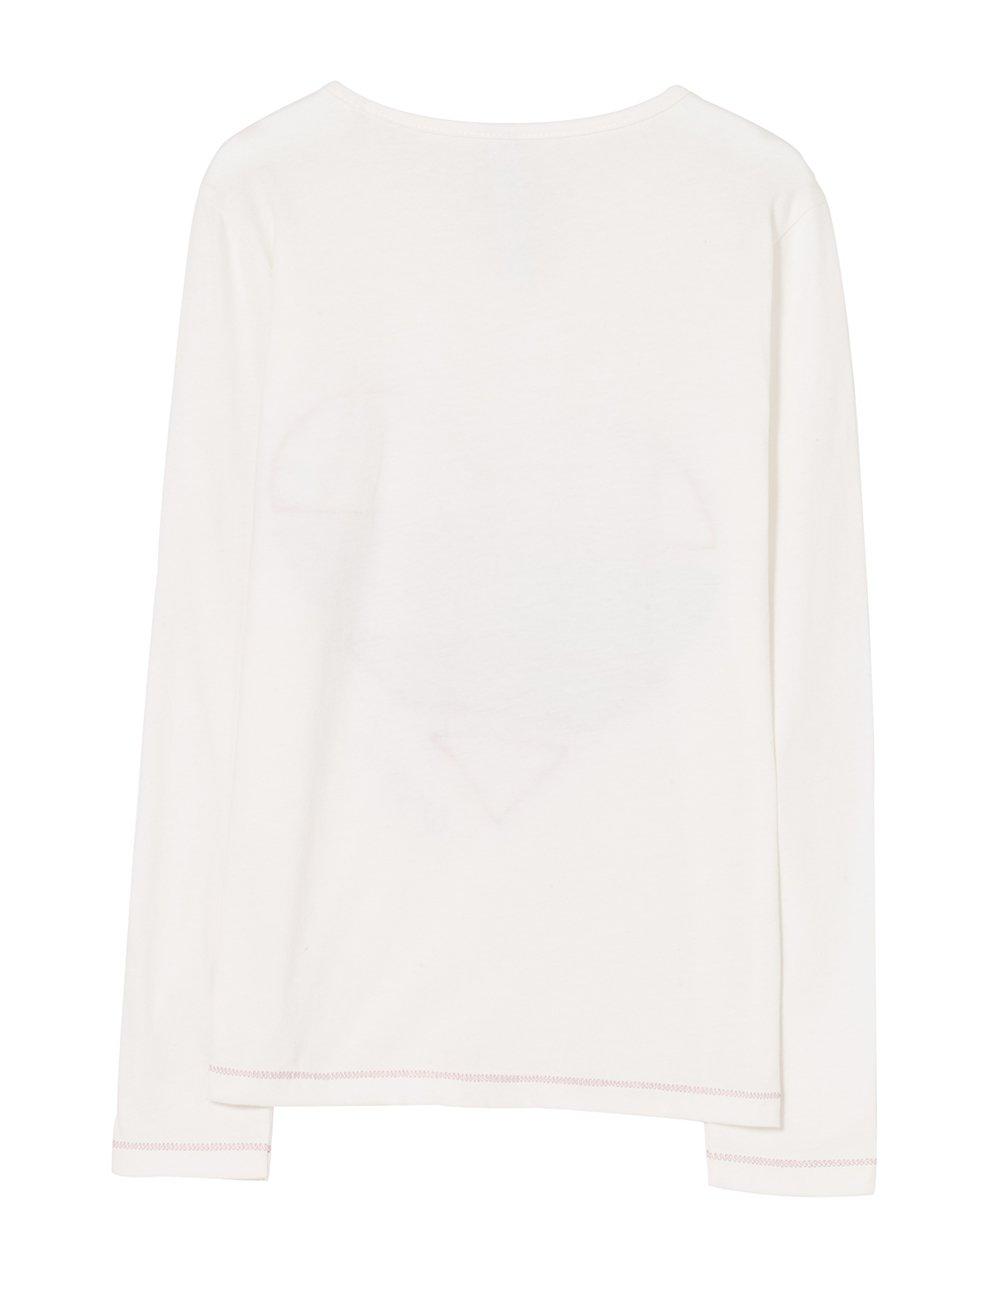 Desigual TS_Texas Camisa Manga Larga para Niñas